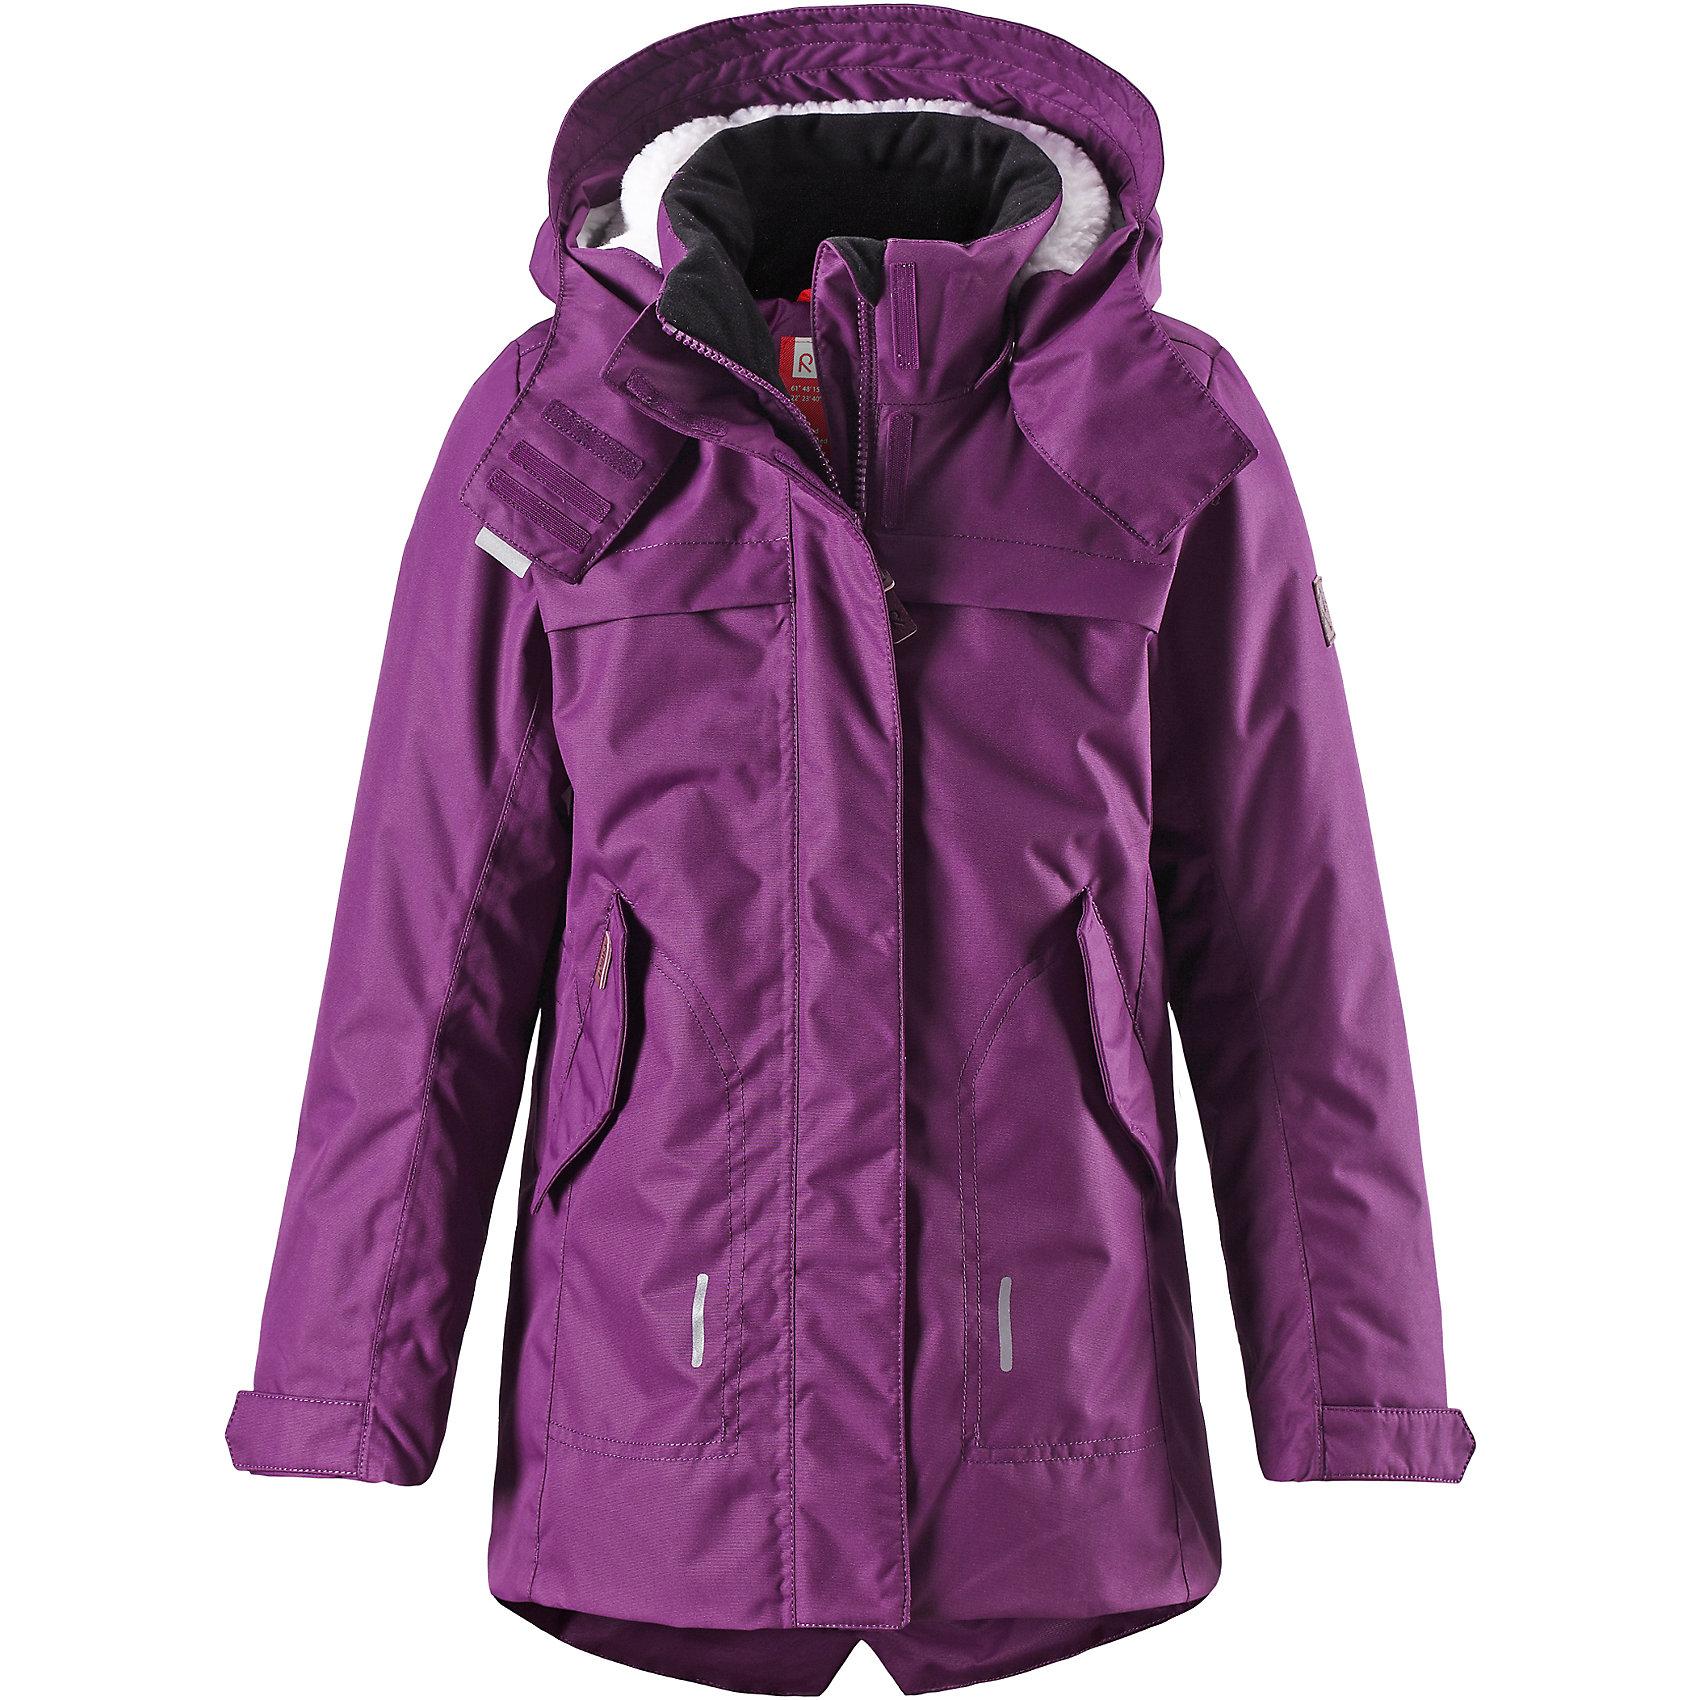 Куртка для девочки ReimaКуртка для девочки Reima<br>Куртка для подростков. Основные швы проклеены и не пропускают влагу. Водо- и ветронепроницаемый, «дышащий» и грязеотталкивающий материал. Крой для девочек. Стеганая подкладка. Махровая подкладка на капюшоне. Безопасный, съемный капюшон. Регулируемый манжет на липучке. Внутренняя регулировка обхвата талии. Удлиненный подол сзади. Два кармана с клапанами. Безопасные светоотражающие детали. Петля для дополнительных светоотражающих деталей.<br>Утеплитель: Reima® Comfort+ insulation,140 g<br>Уход:<br>Стирать по отдельности, вывернув наизнанку. Застегнуть молнии и липучки. Стирать моющим средством, не содержащим отбеливающие вещества. Полоскать без специального средства. Во избежание изменения цвета изделие необходимо вынуть из стиральной машинки незамедлительно после окончания программы стирки. Сушить при низкой температуре.<br>Состав:<br>100% Полиамид, полиуретановое покрытие<br><br>Ширина мм: 356<br>Глубина мм: 10<br>Высота мм: 245<br>Вес г: 519<br>Цвет: красный<br>Возраст от месяцев: 72<br>Возраст до месяцев: 84<br>Пол: Женский<br>Возраст: Детский<br>Размер: 122,152,134,116,128,104,110,140,146,158,164<br>SKU: 4778195